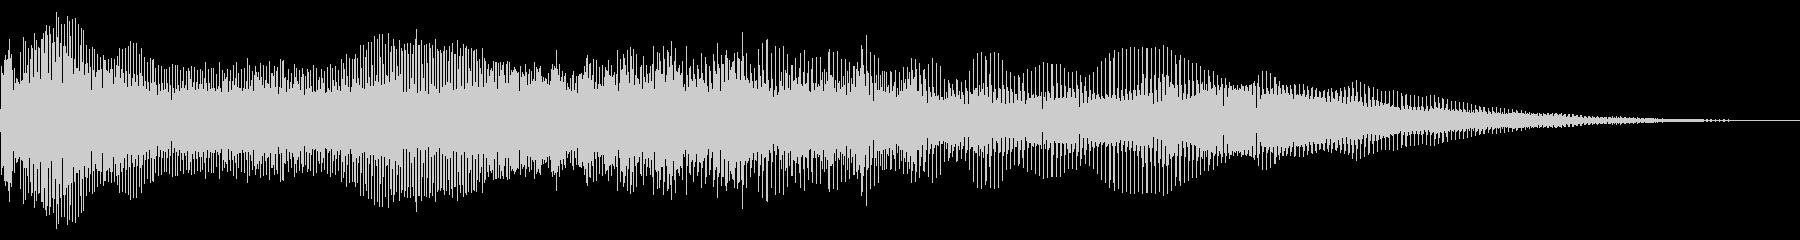 フルミックスバススイープの未再生の波形